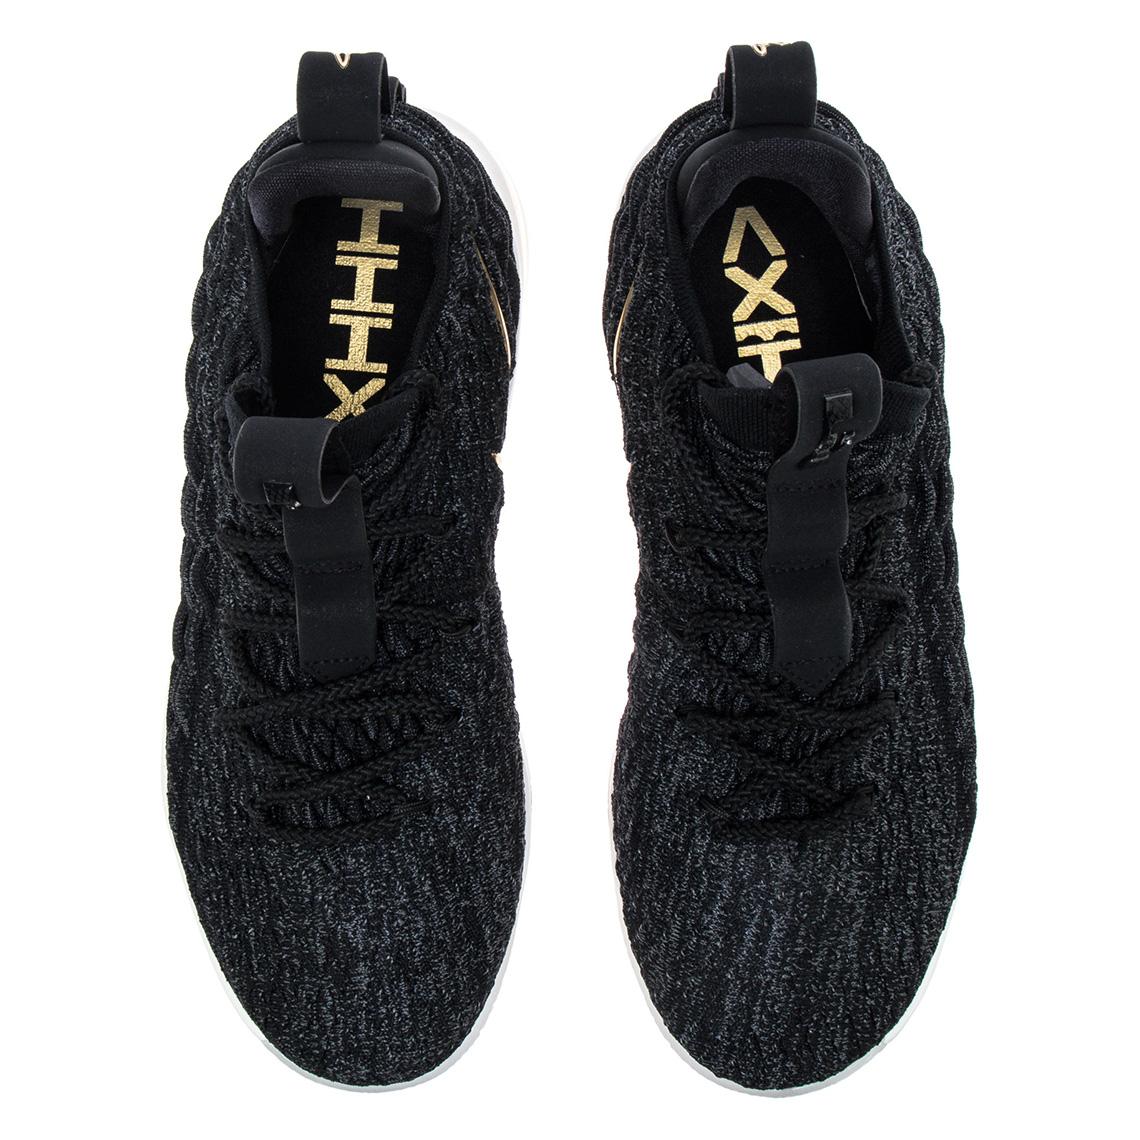 222bda1d4d2a21 Nike LeBron 15